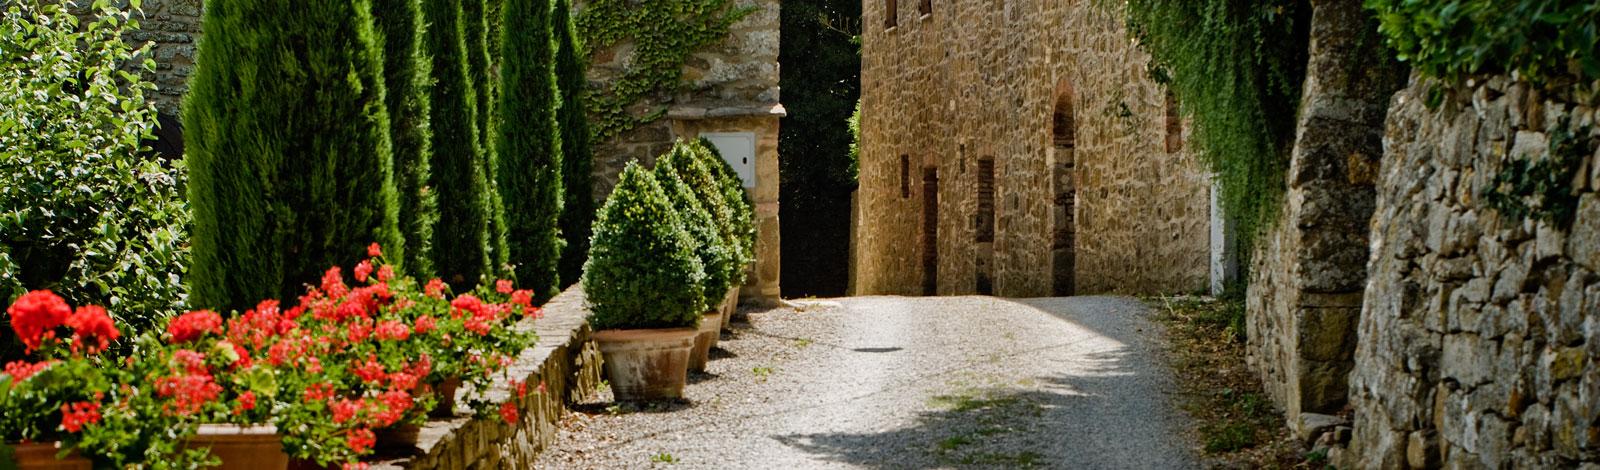 Monteverdi road